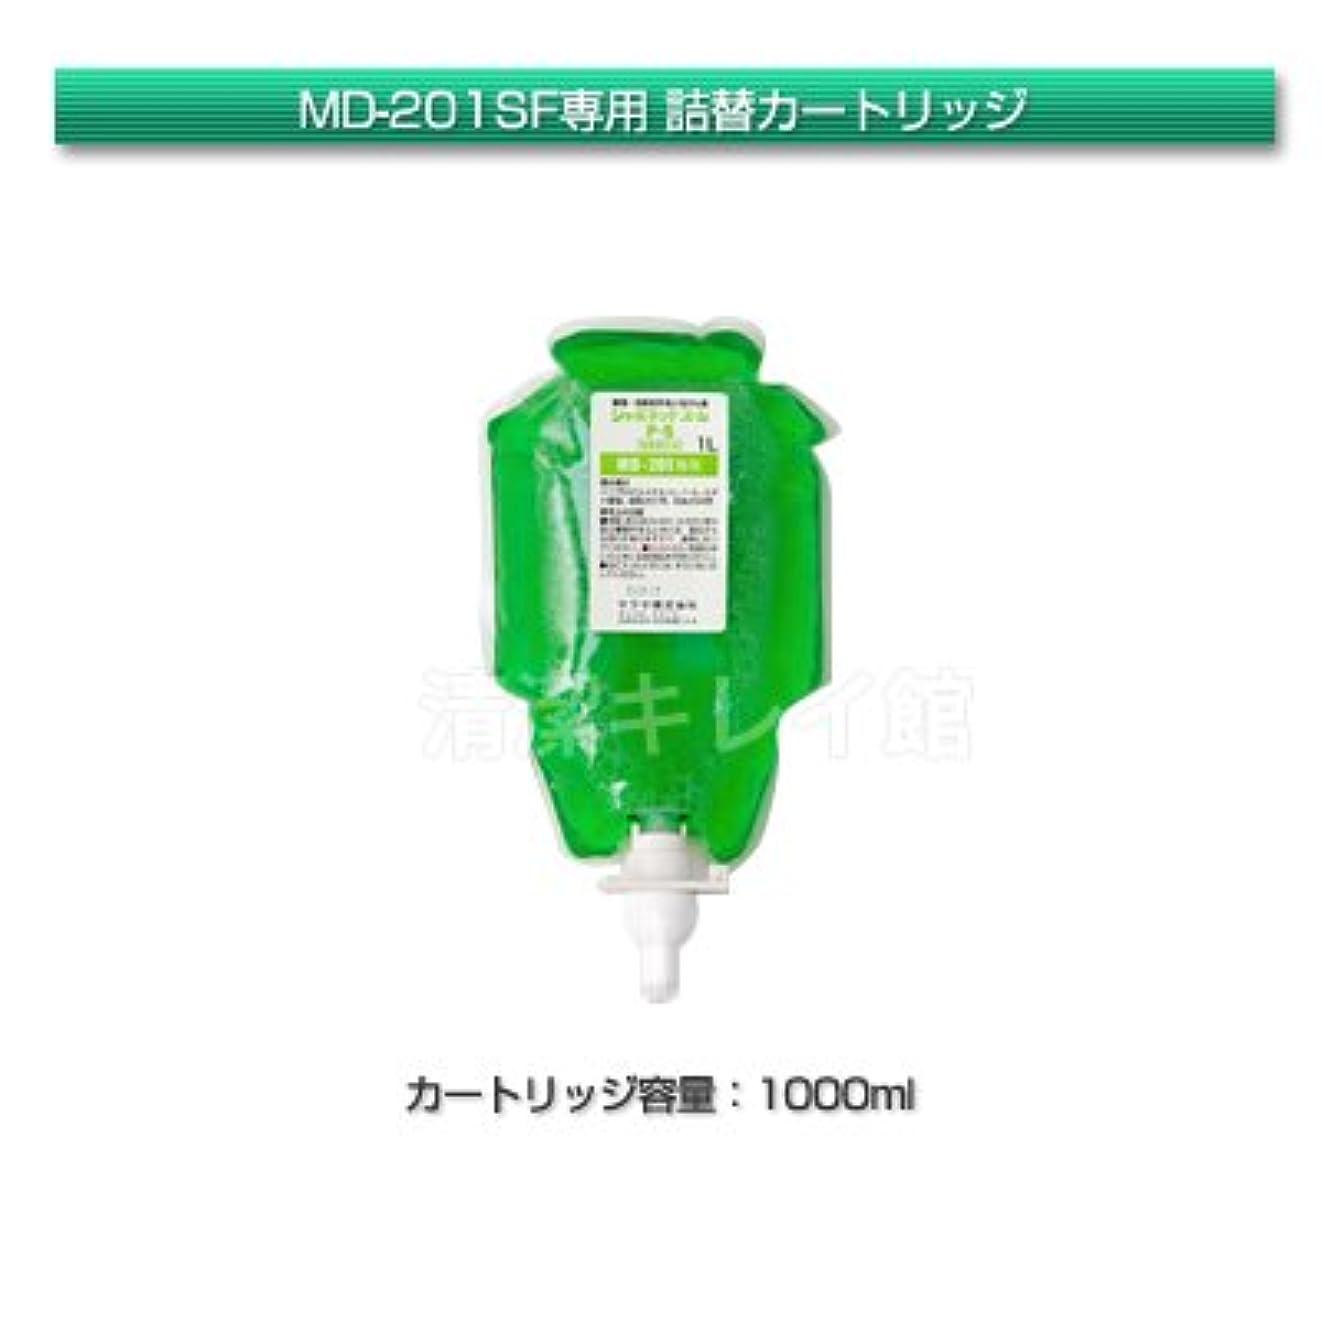 エレガント時折安心させるサラヤ プッシュ式石鹸液 MD-201SF(泡)専用カートリッジ(ユムP-5)1000ml【清潔キレイ館】